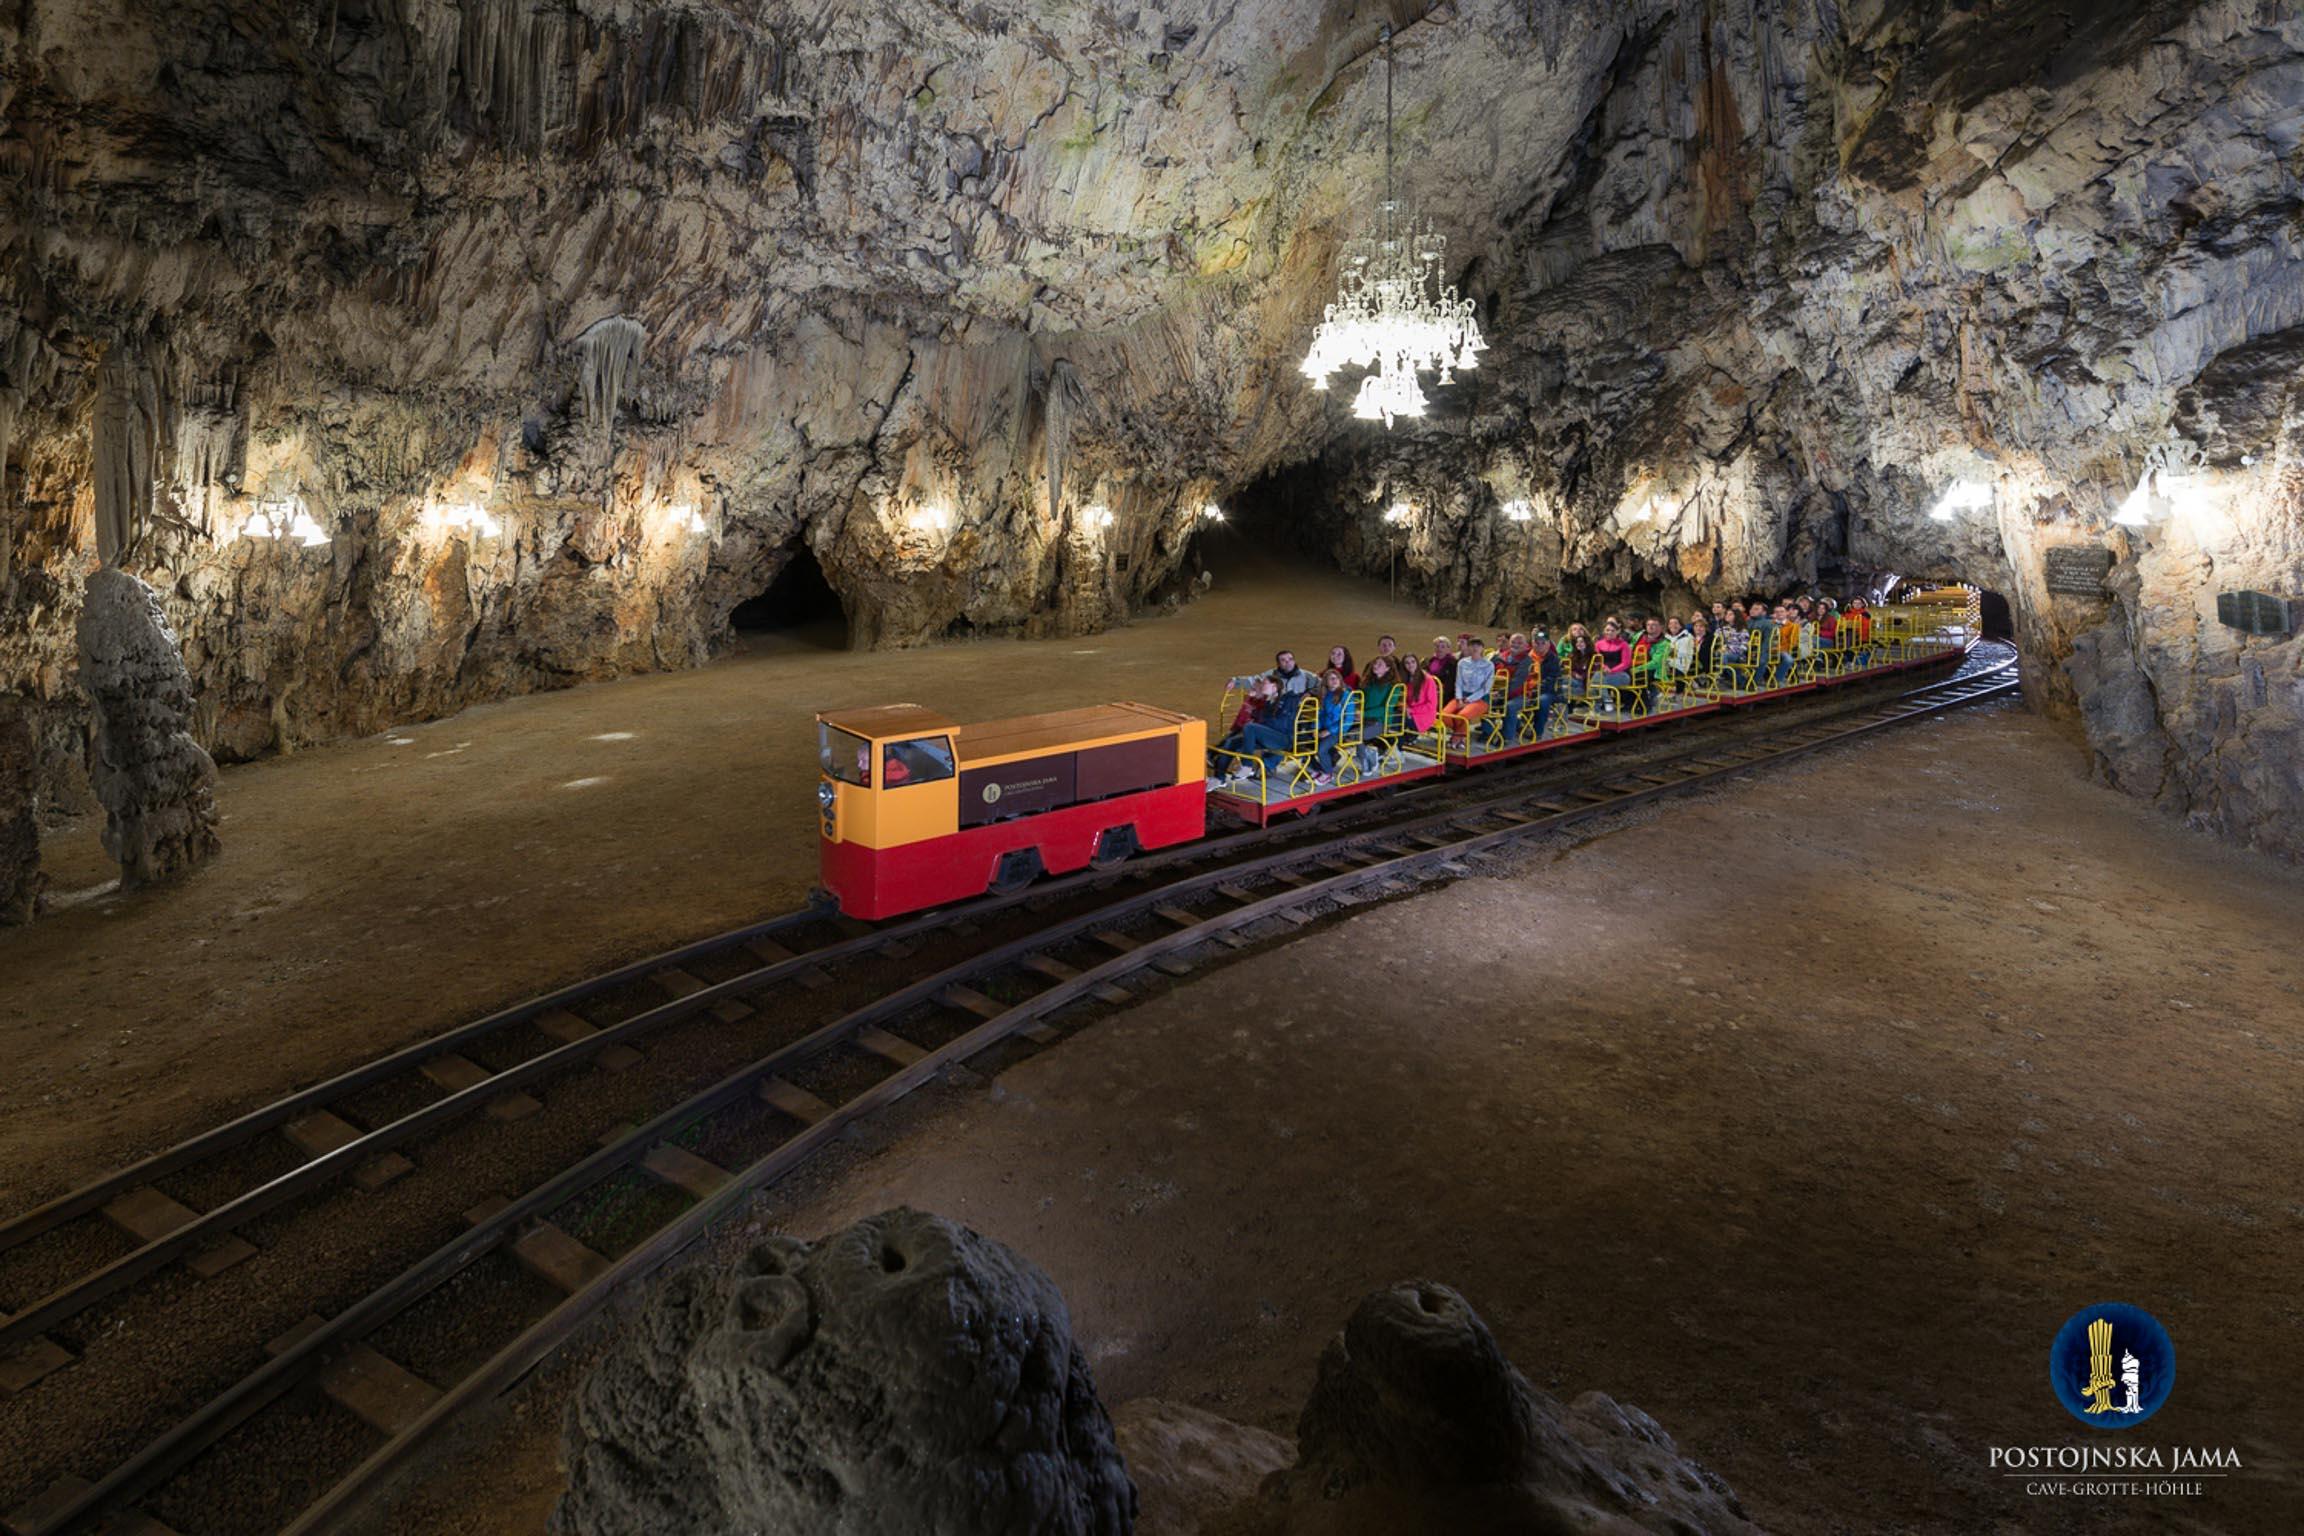 La ferrovia sotterranea a doppio binario